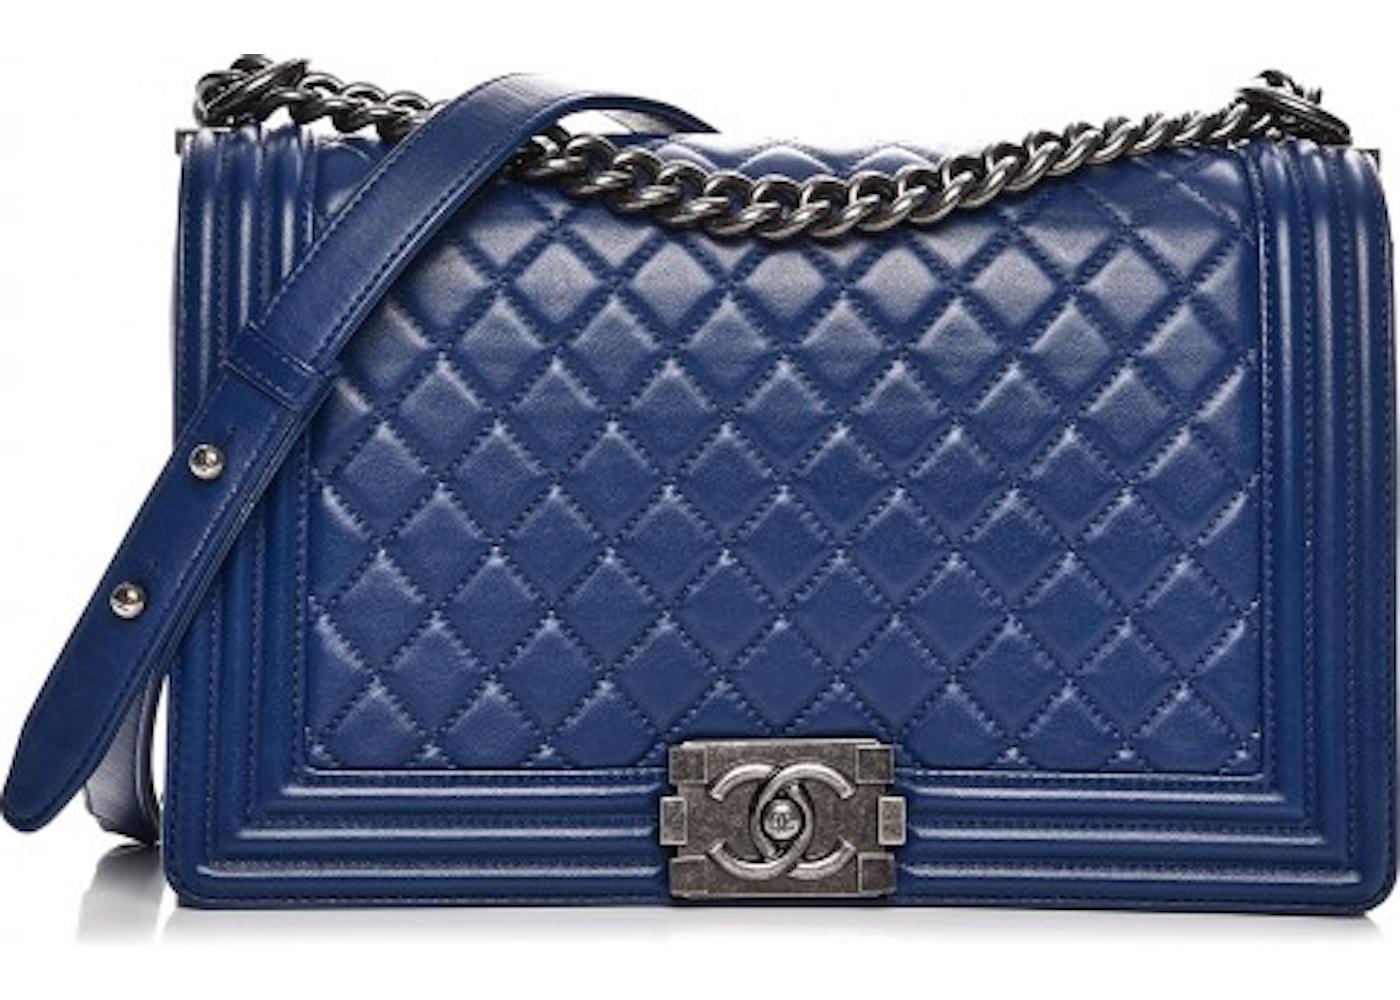 6dffaeab611a Chanel Boy Flap Diamond Quilted New Medium Dark Blue